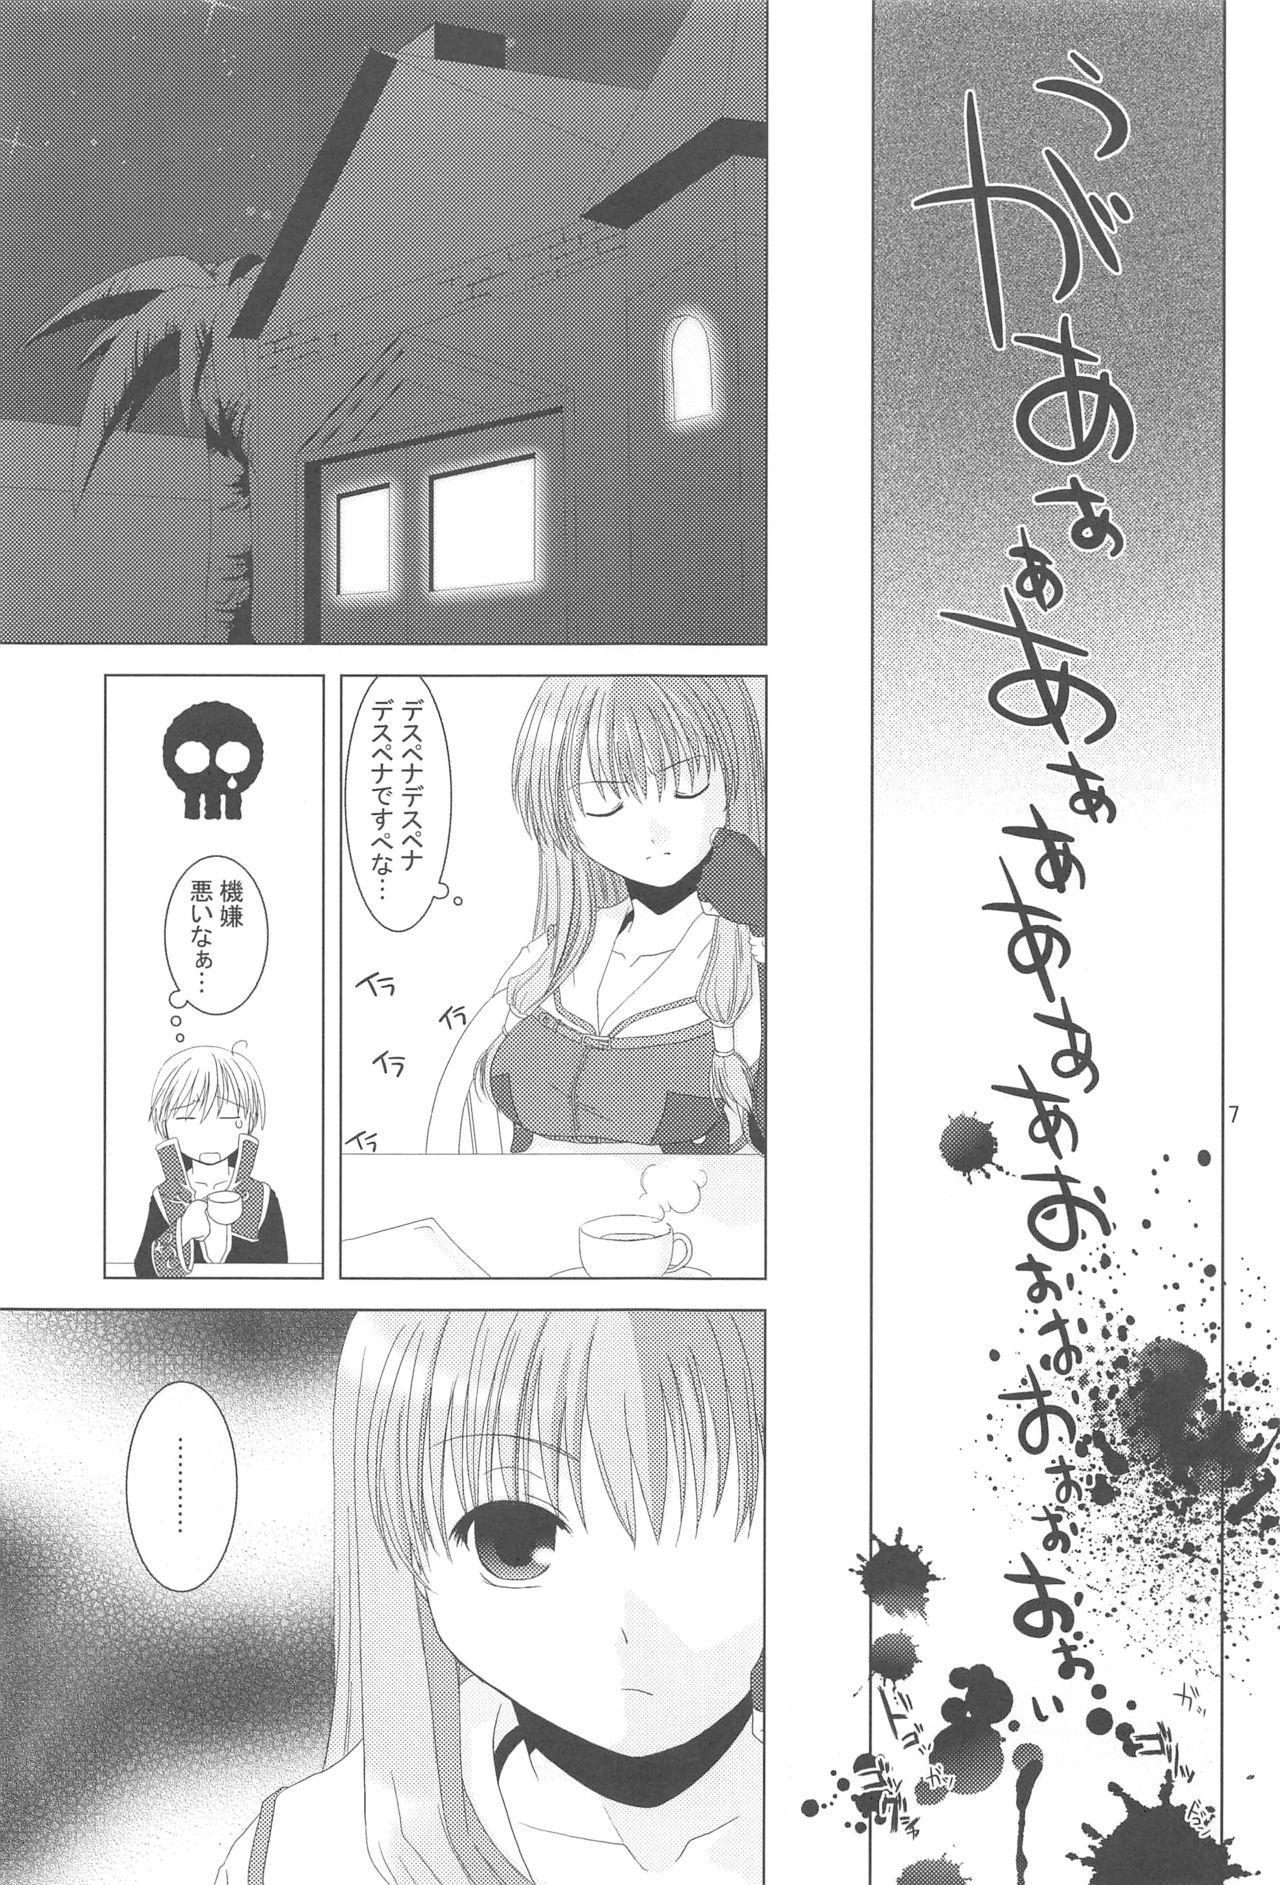 Quagmire no Chuushin de, Shuuchuuryoku Koujou to Sakebu 5